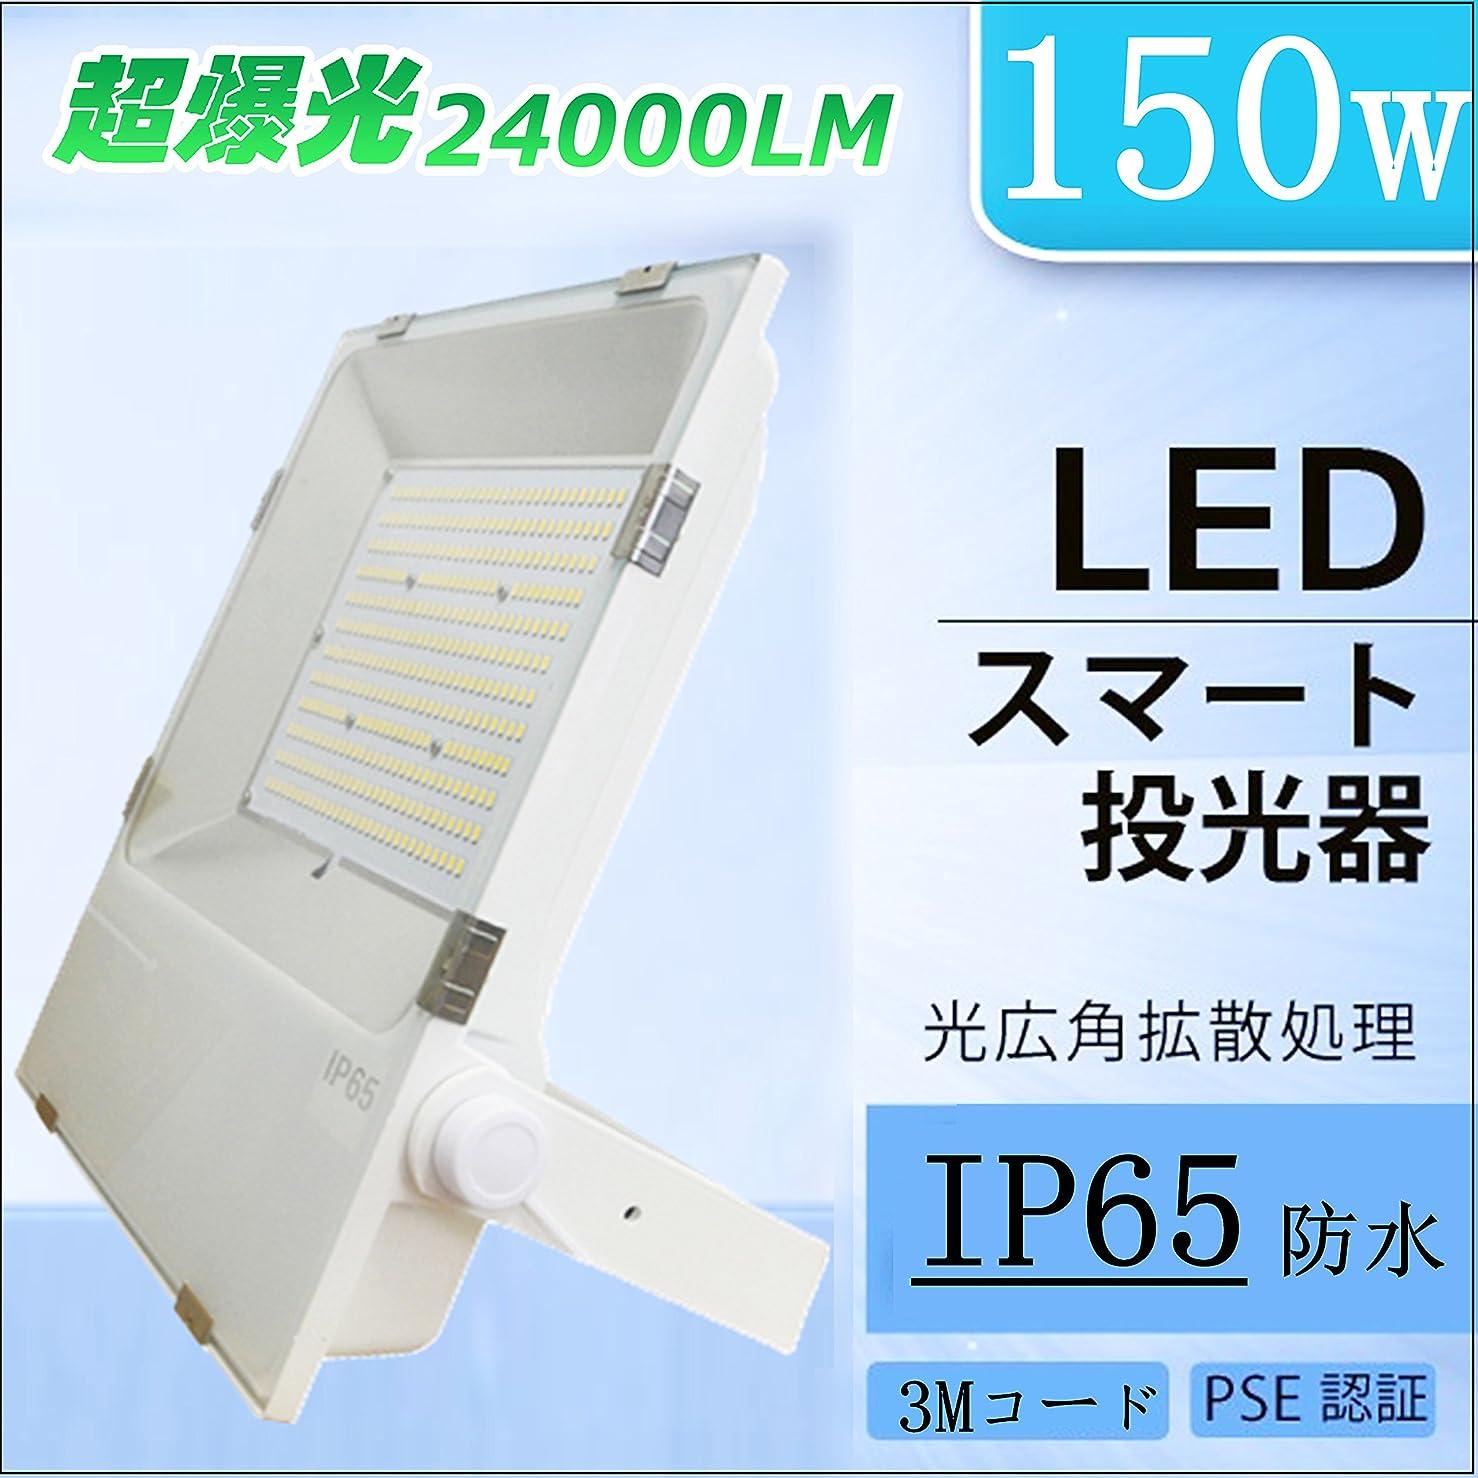 怒りウサギ宇宙LED投光器 150W 照明 屋外 3mコード付き 防水加工 LEDチップ ブラック 薄型 広角120度 看板灯 駐車場灯 集魚灯 ナイター 屋内 (昼光色6000k)